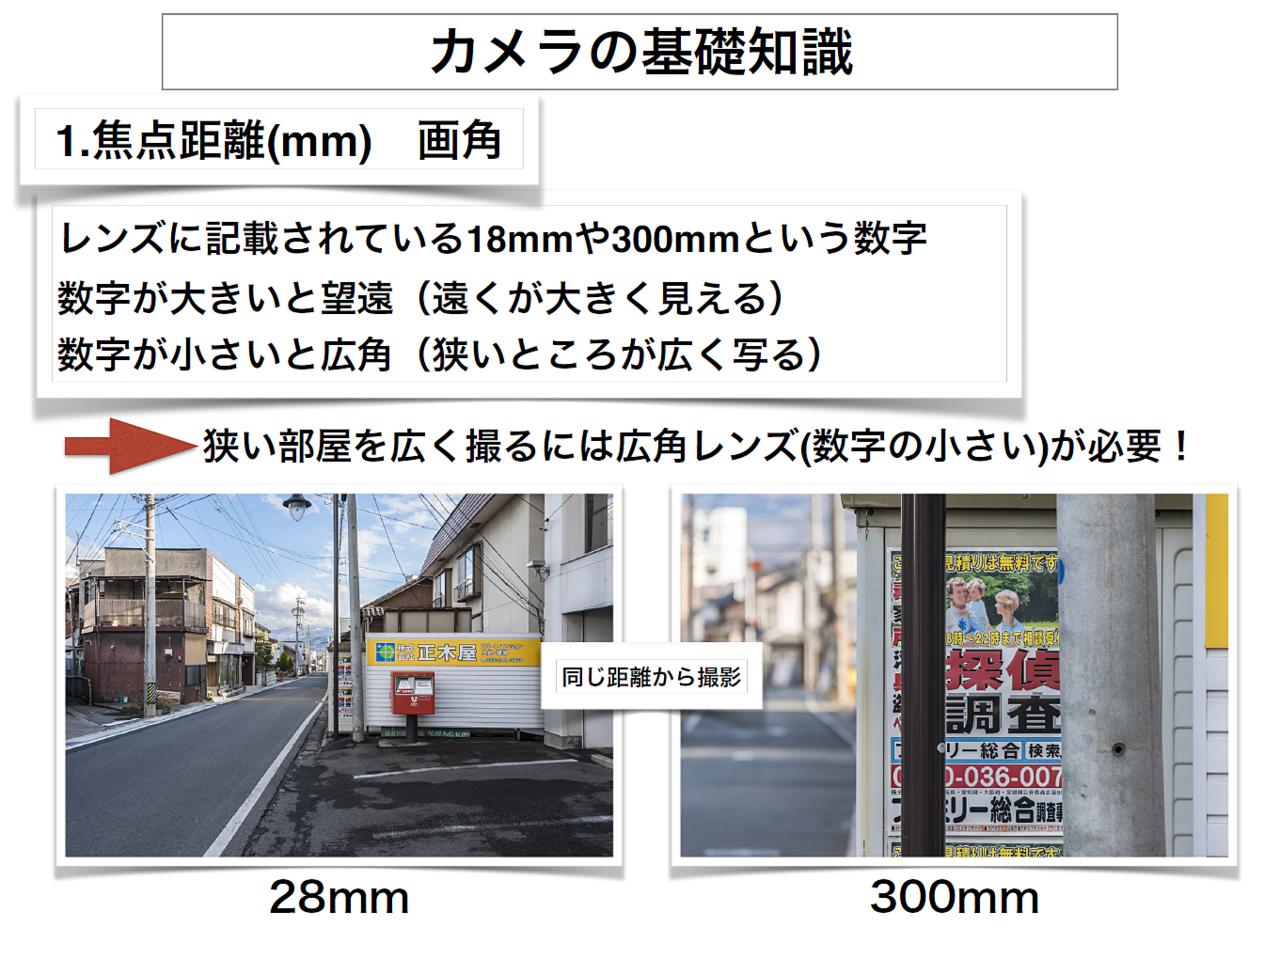 Vol.4 反響が増える不動産写真の撮り方 交換レンズはメーカーやカメラ本体で違う